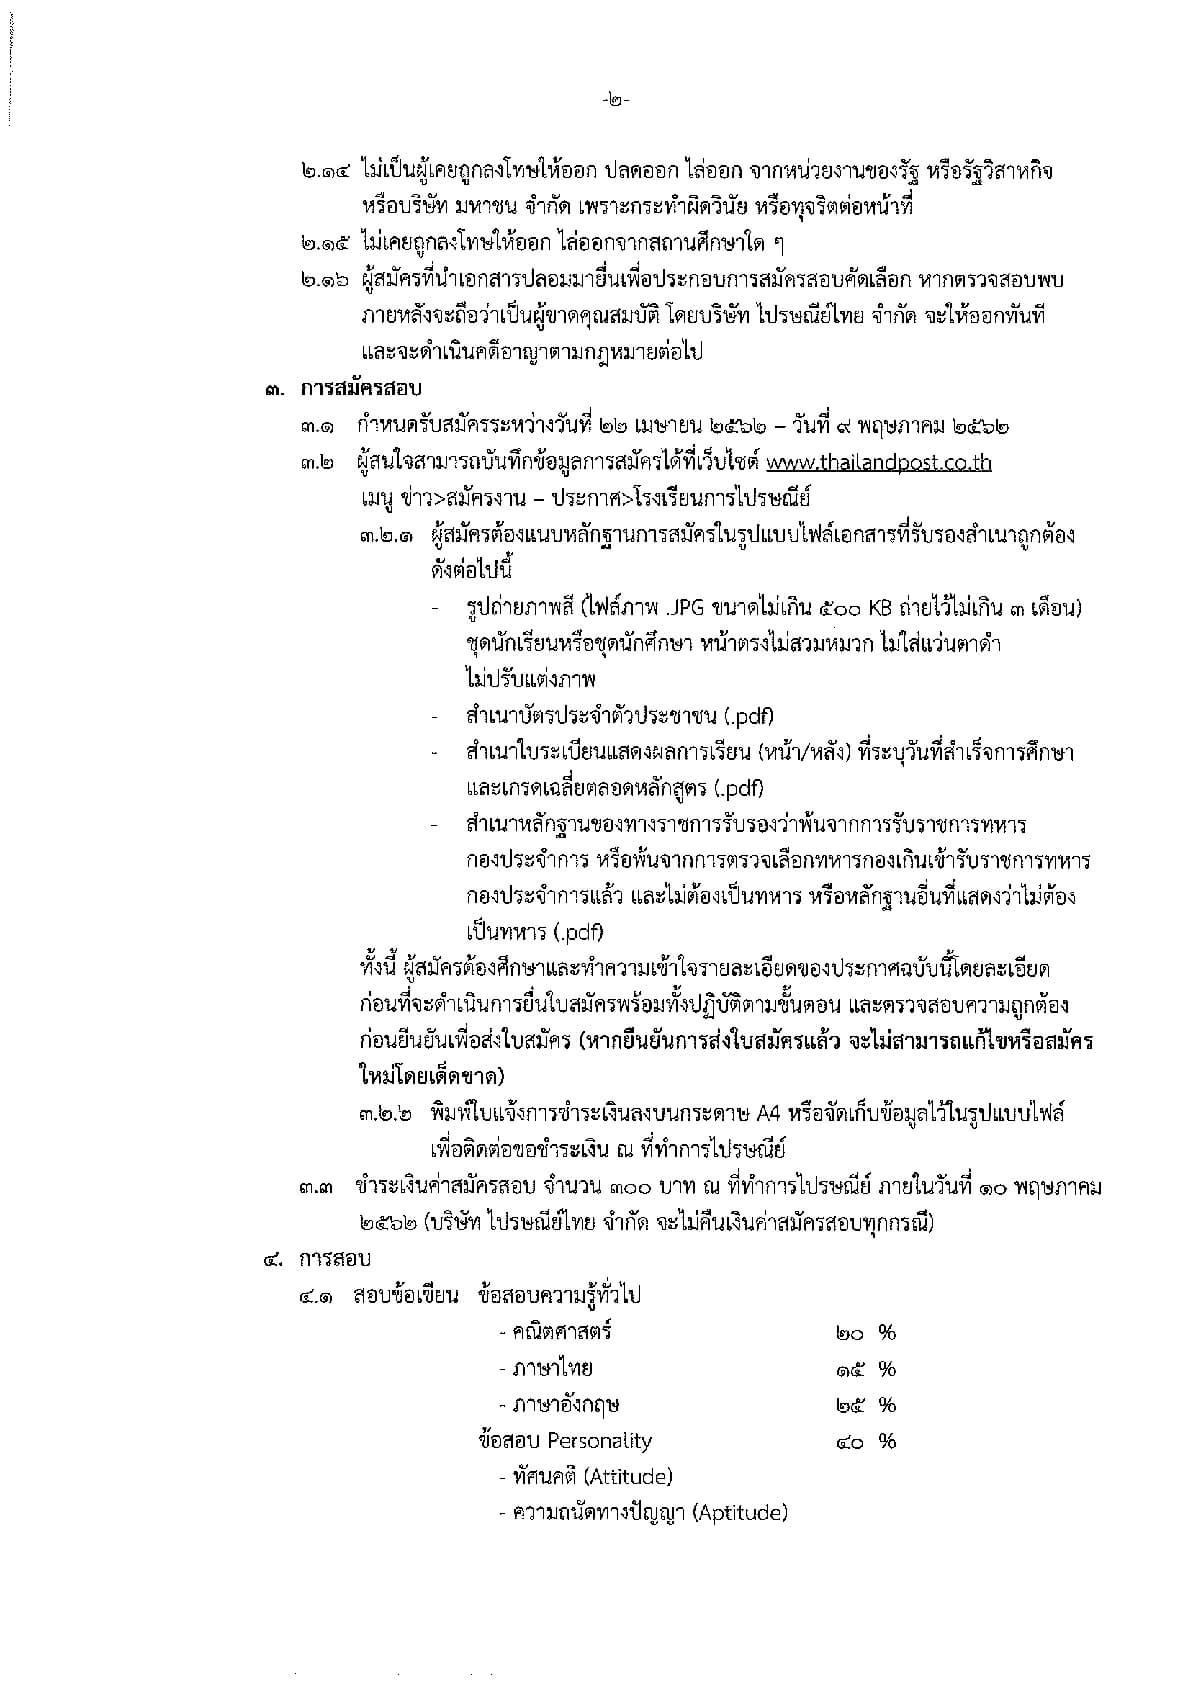 ระเบียบการรับสมัครโรงเรียนการไปรษณีย์ รุ่นคปท.75 ปี 2562